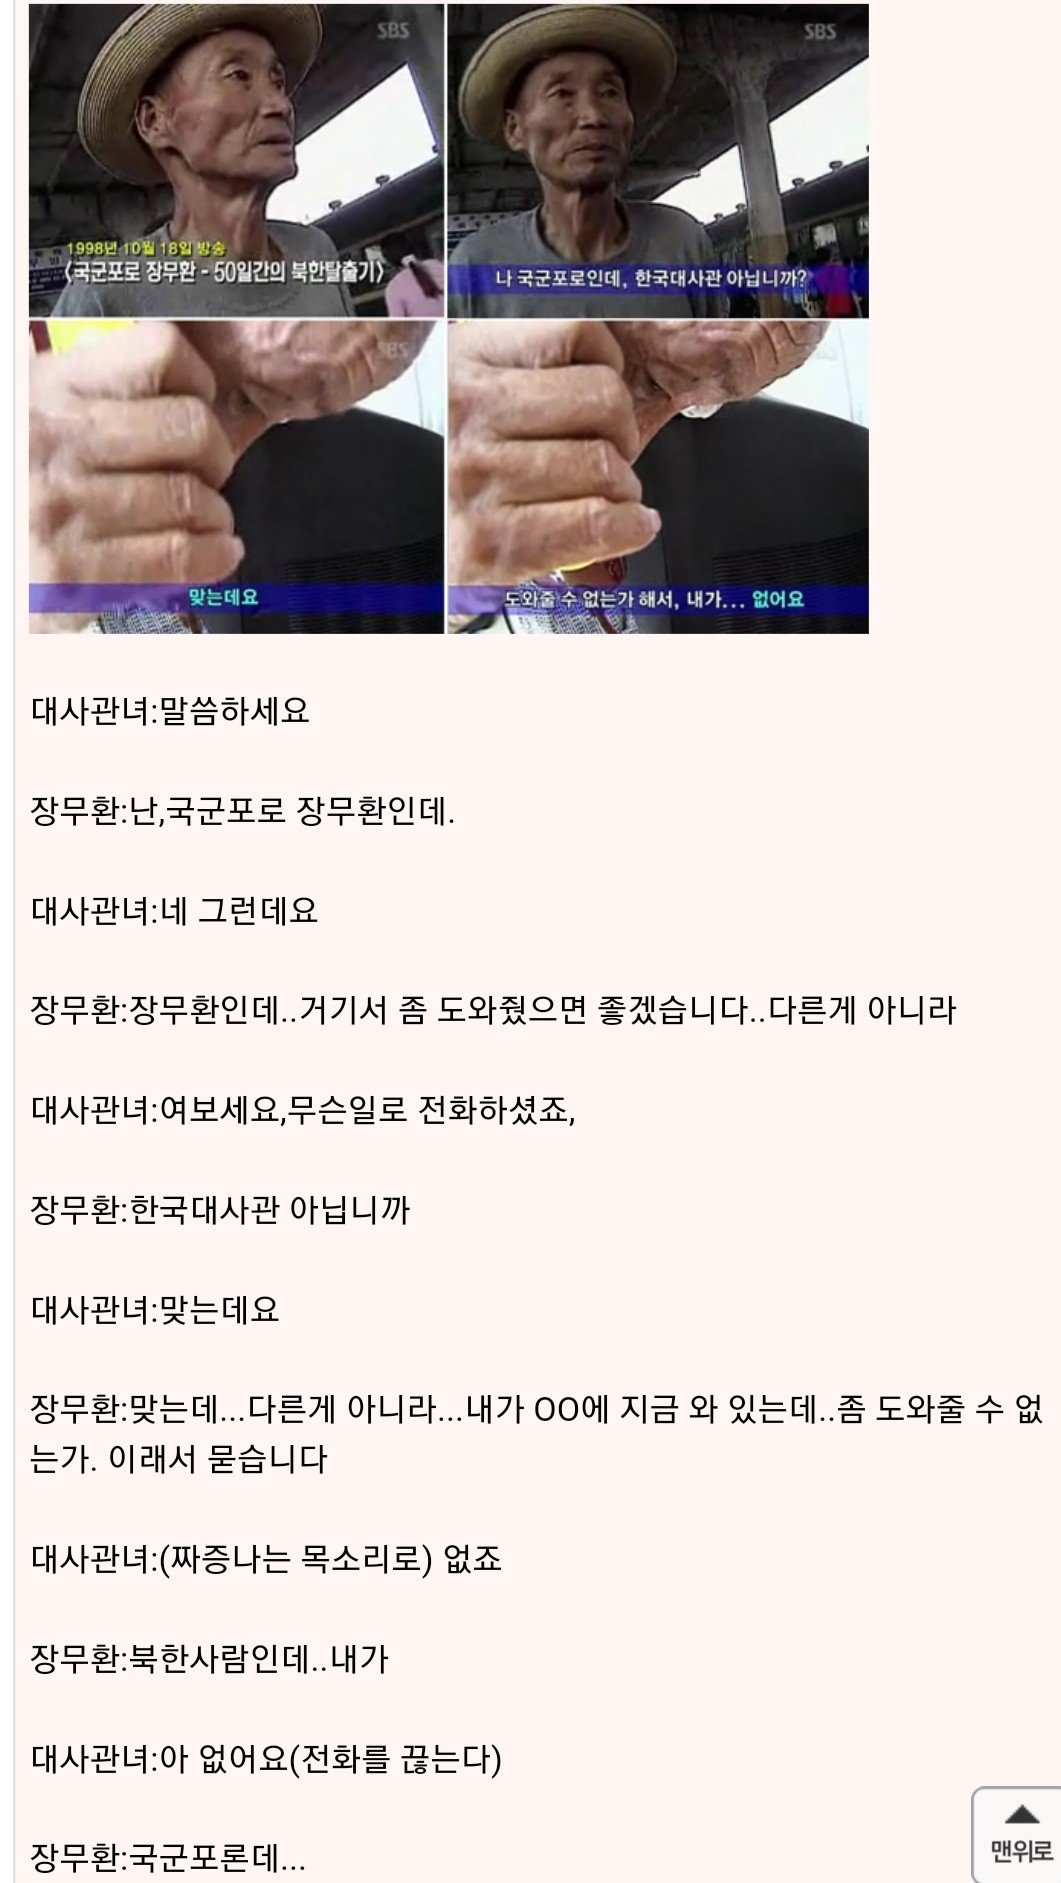 20171114_111608.jpg 해외 한국 대사관 서비스 수준.jpg